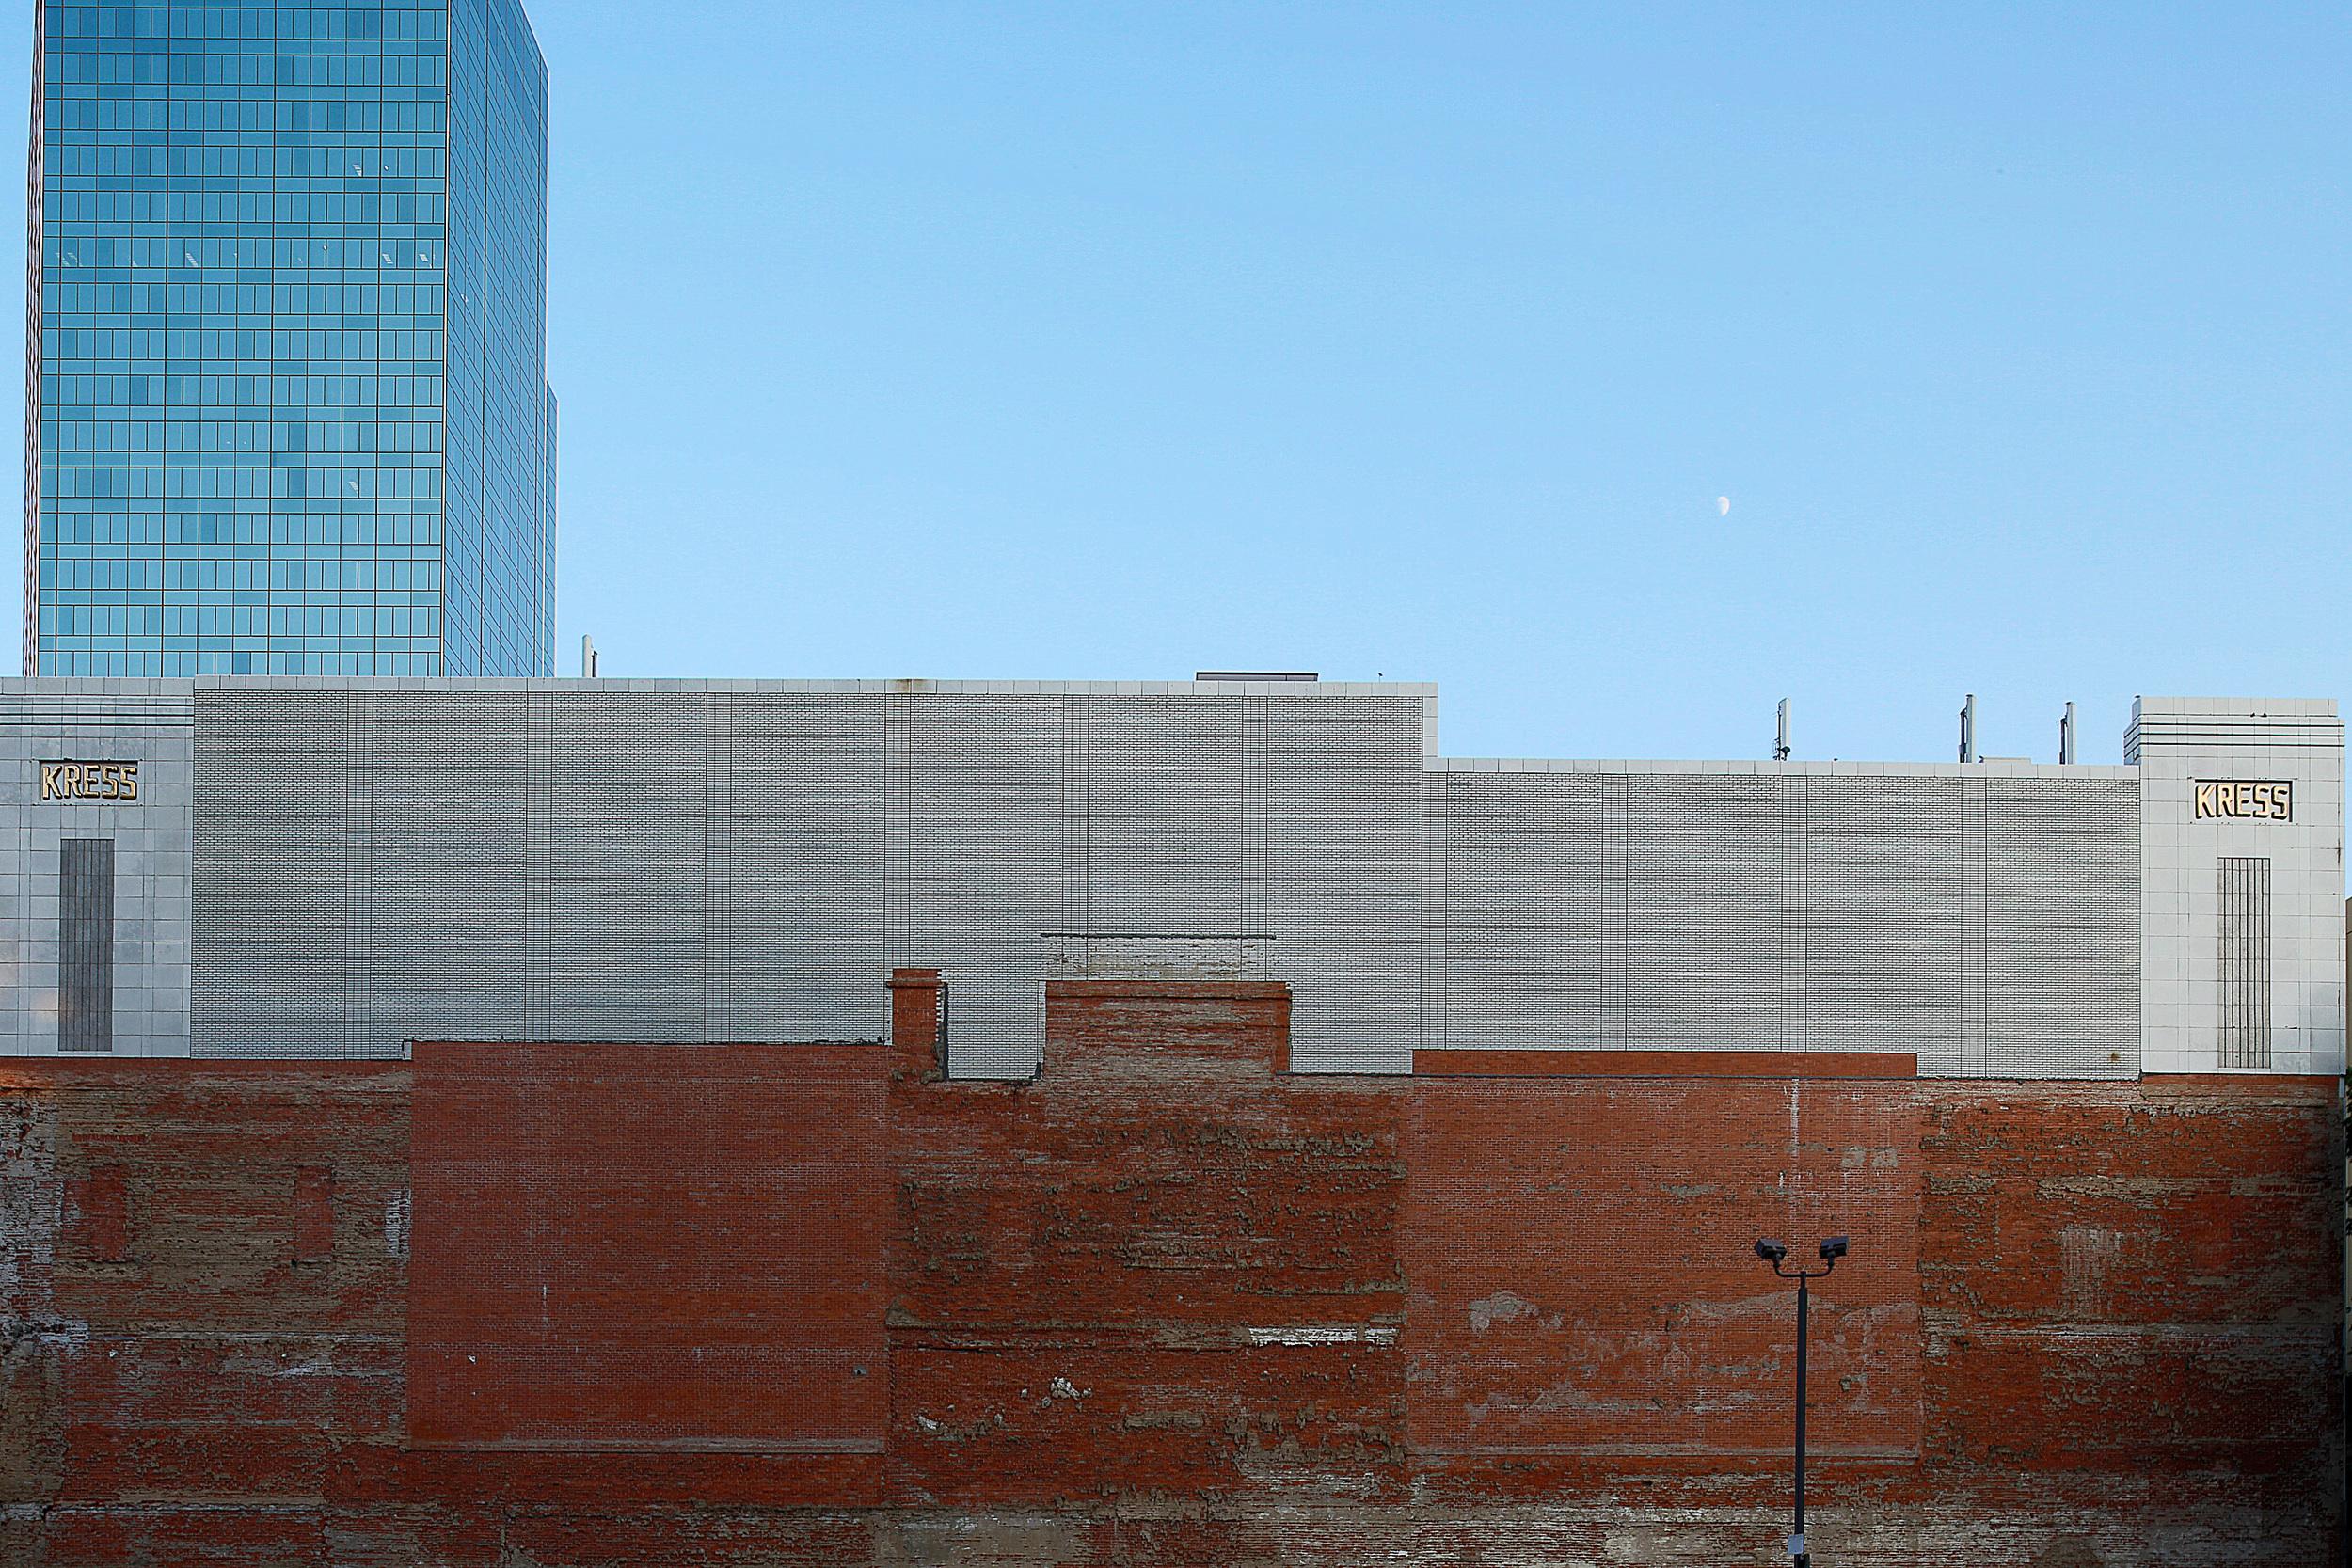 Kress Building - Side